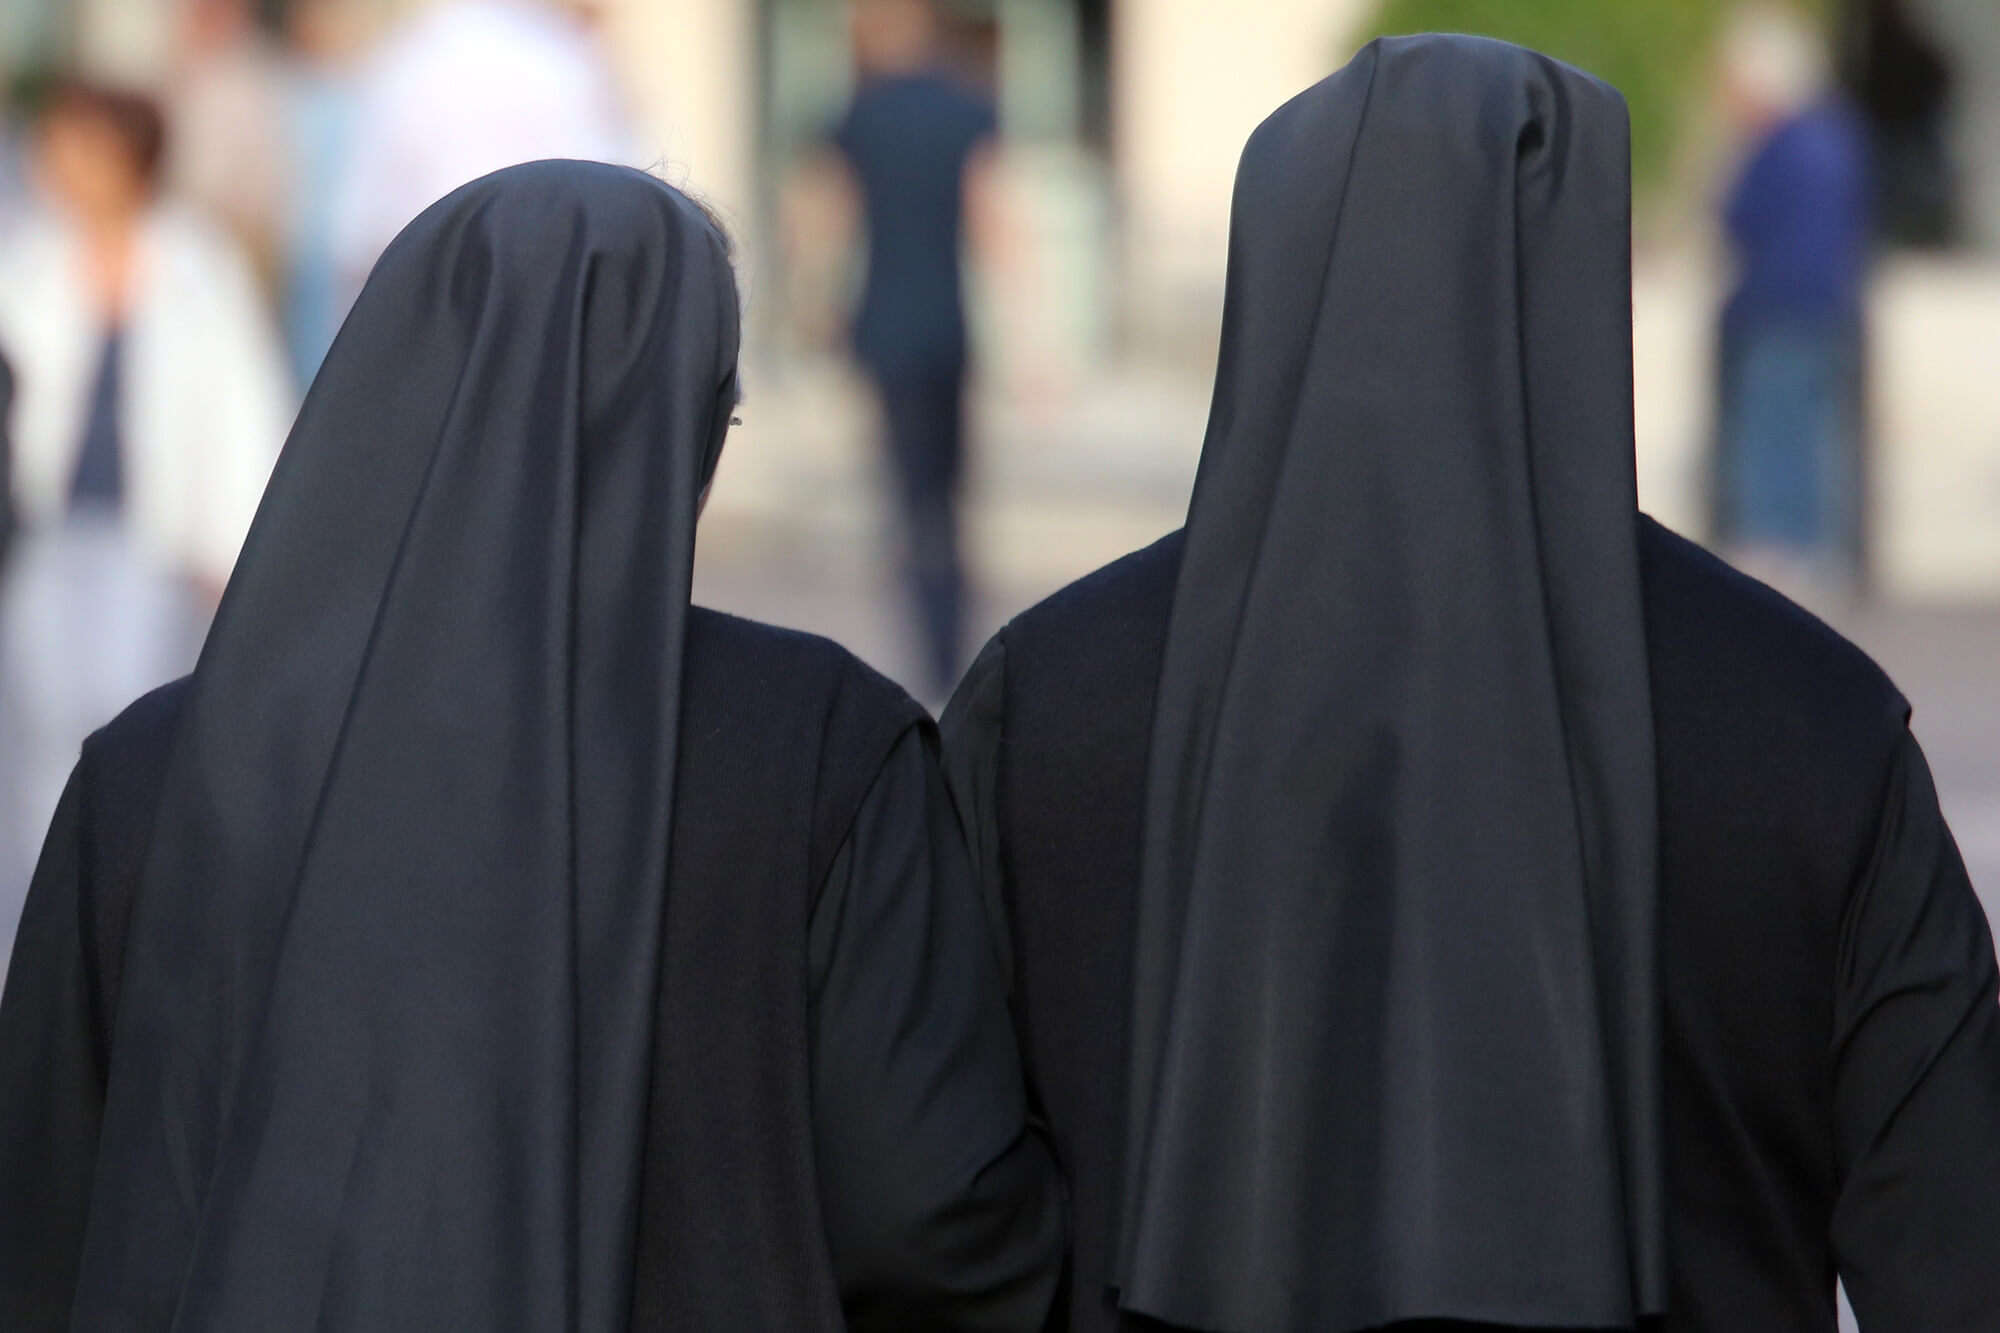 El otro escándalo de la Iglesia: Monjas violadas por sacerdotes se vieron obligadas a abortar